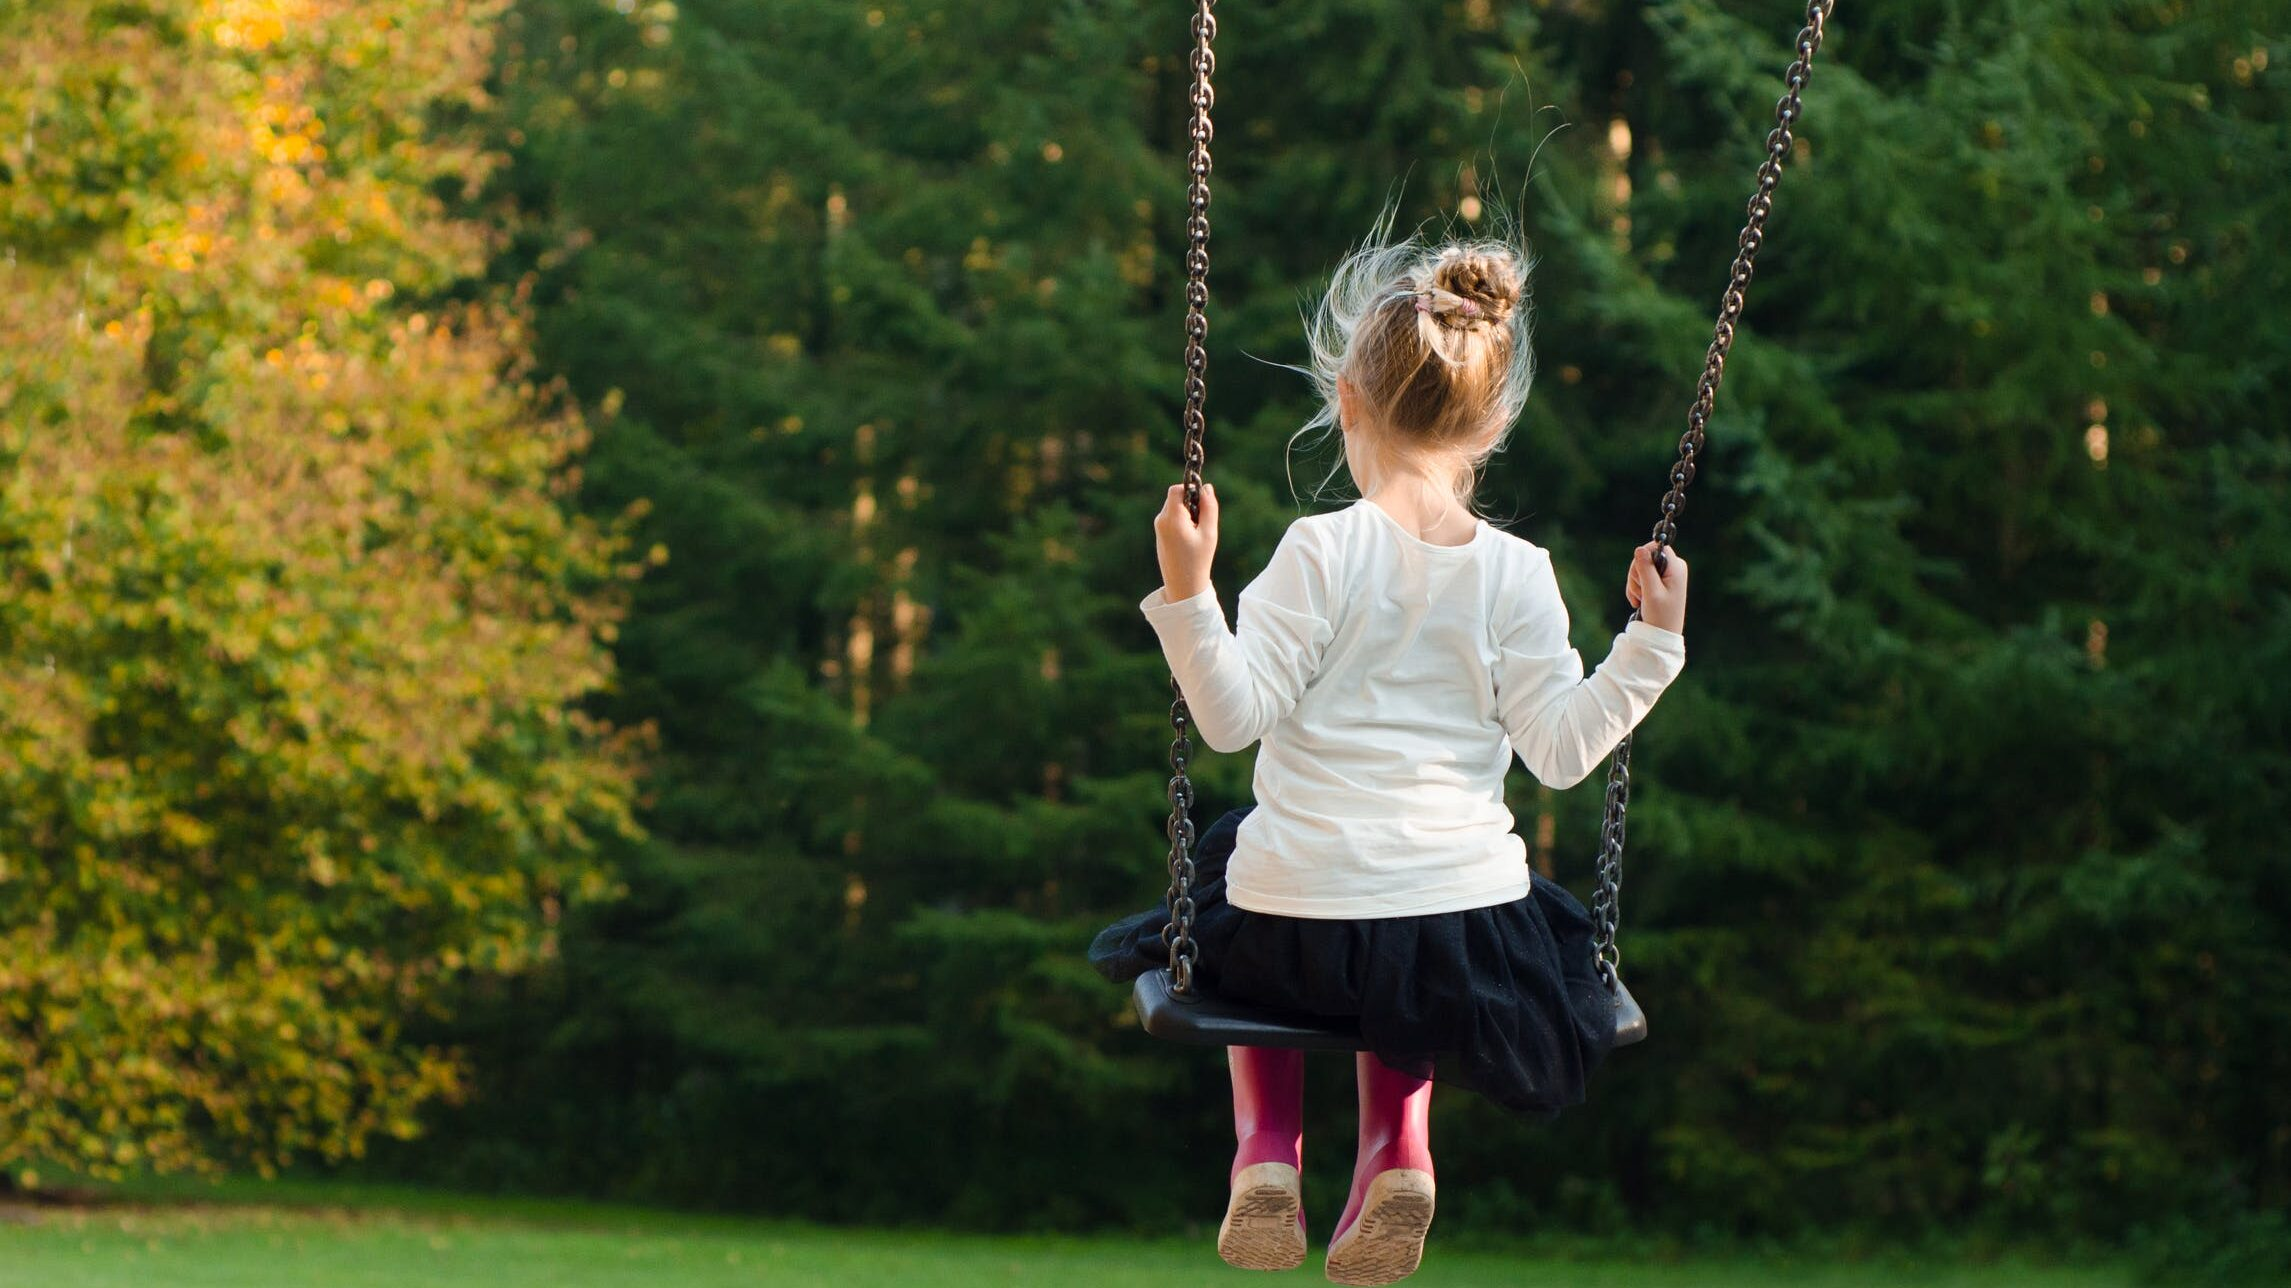 子供(幼児)が興味や関心を持つ身近なもののランキングのイメージ画像5